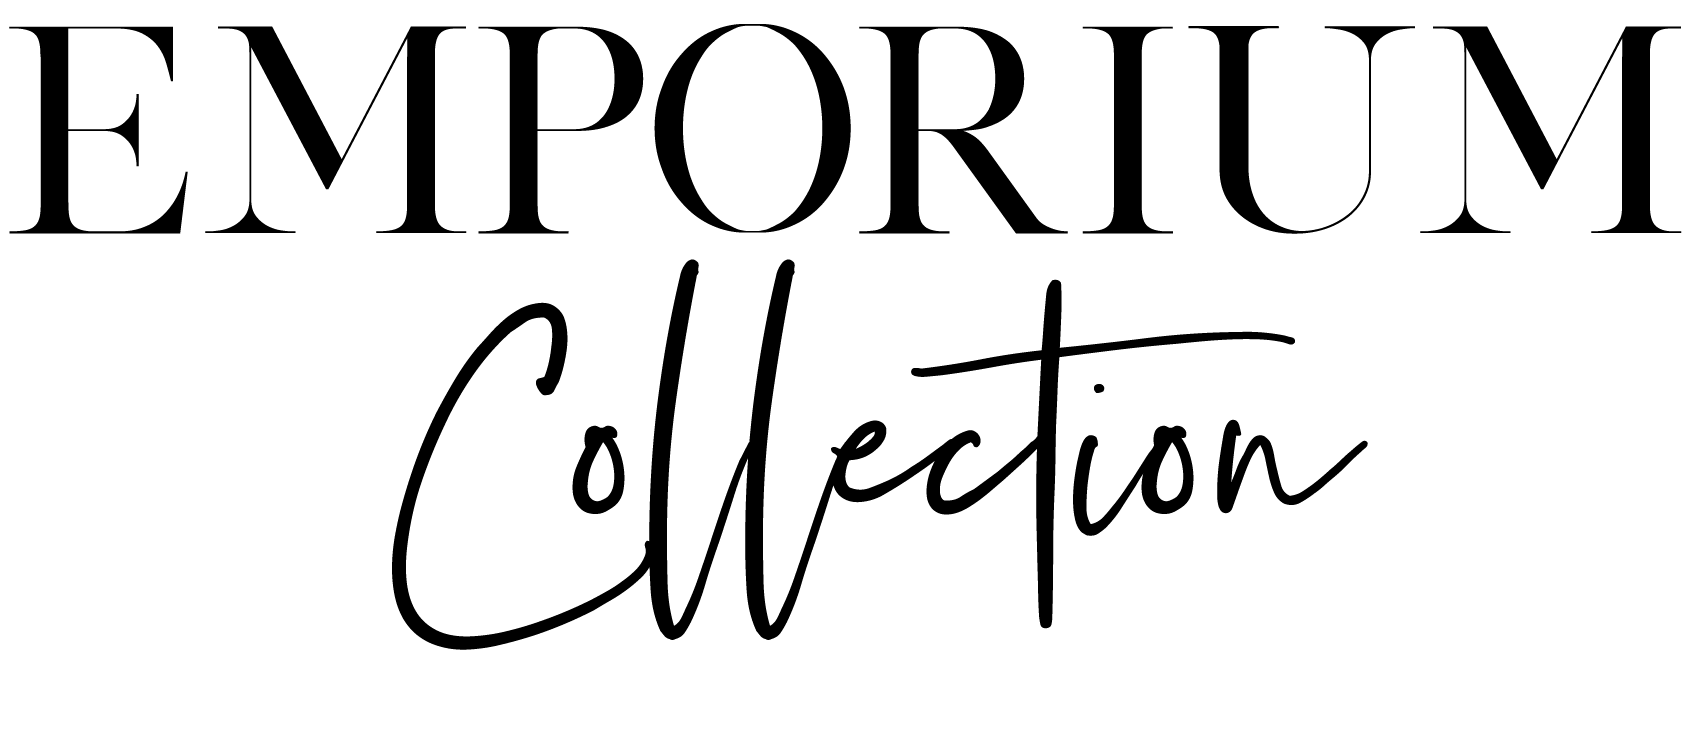 Emporium-Collection